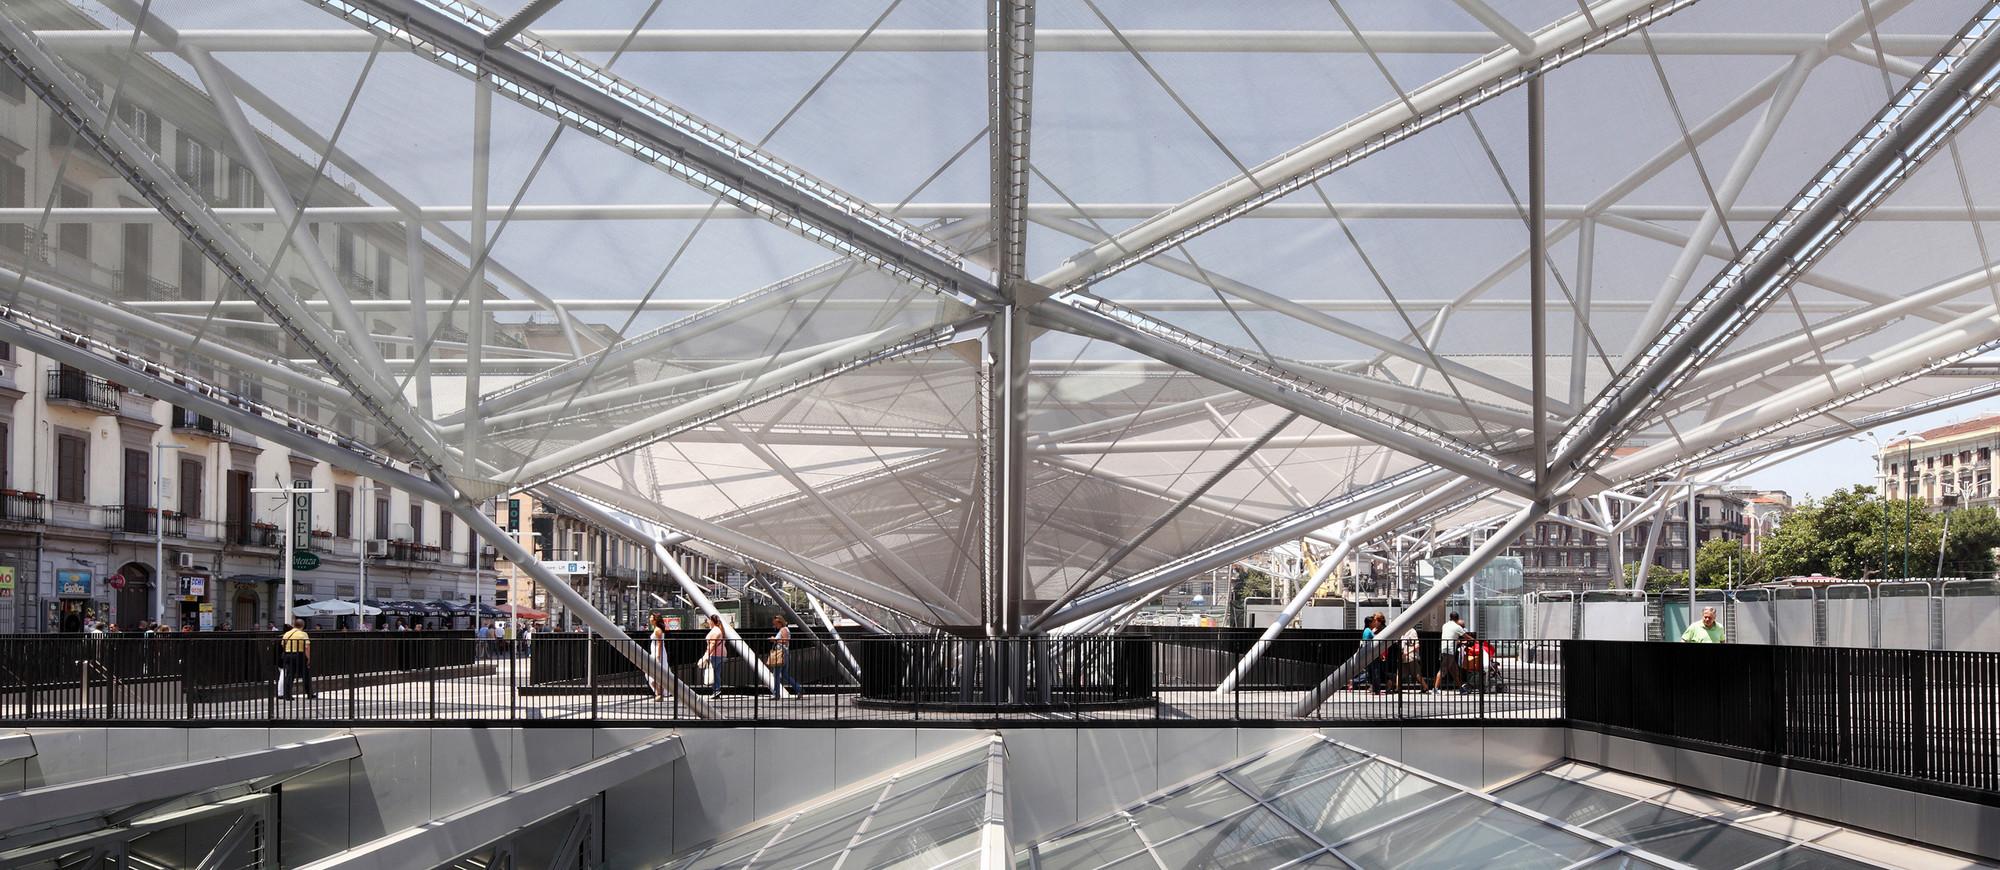 Piazza Garibaldi Dominique Perrault Architecture Archdaily